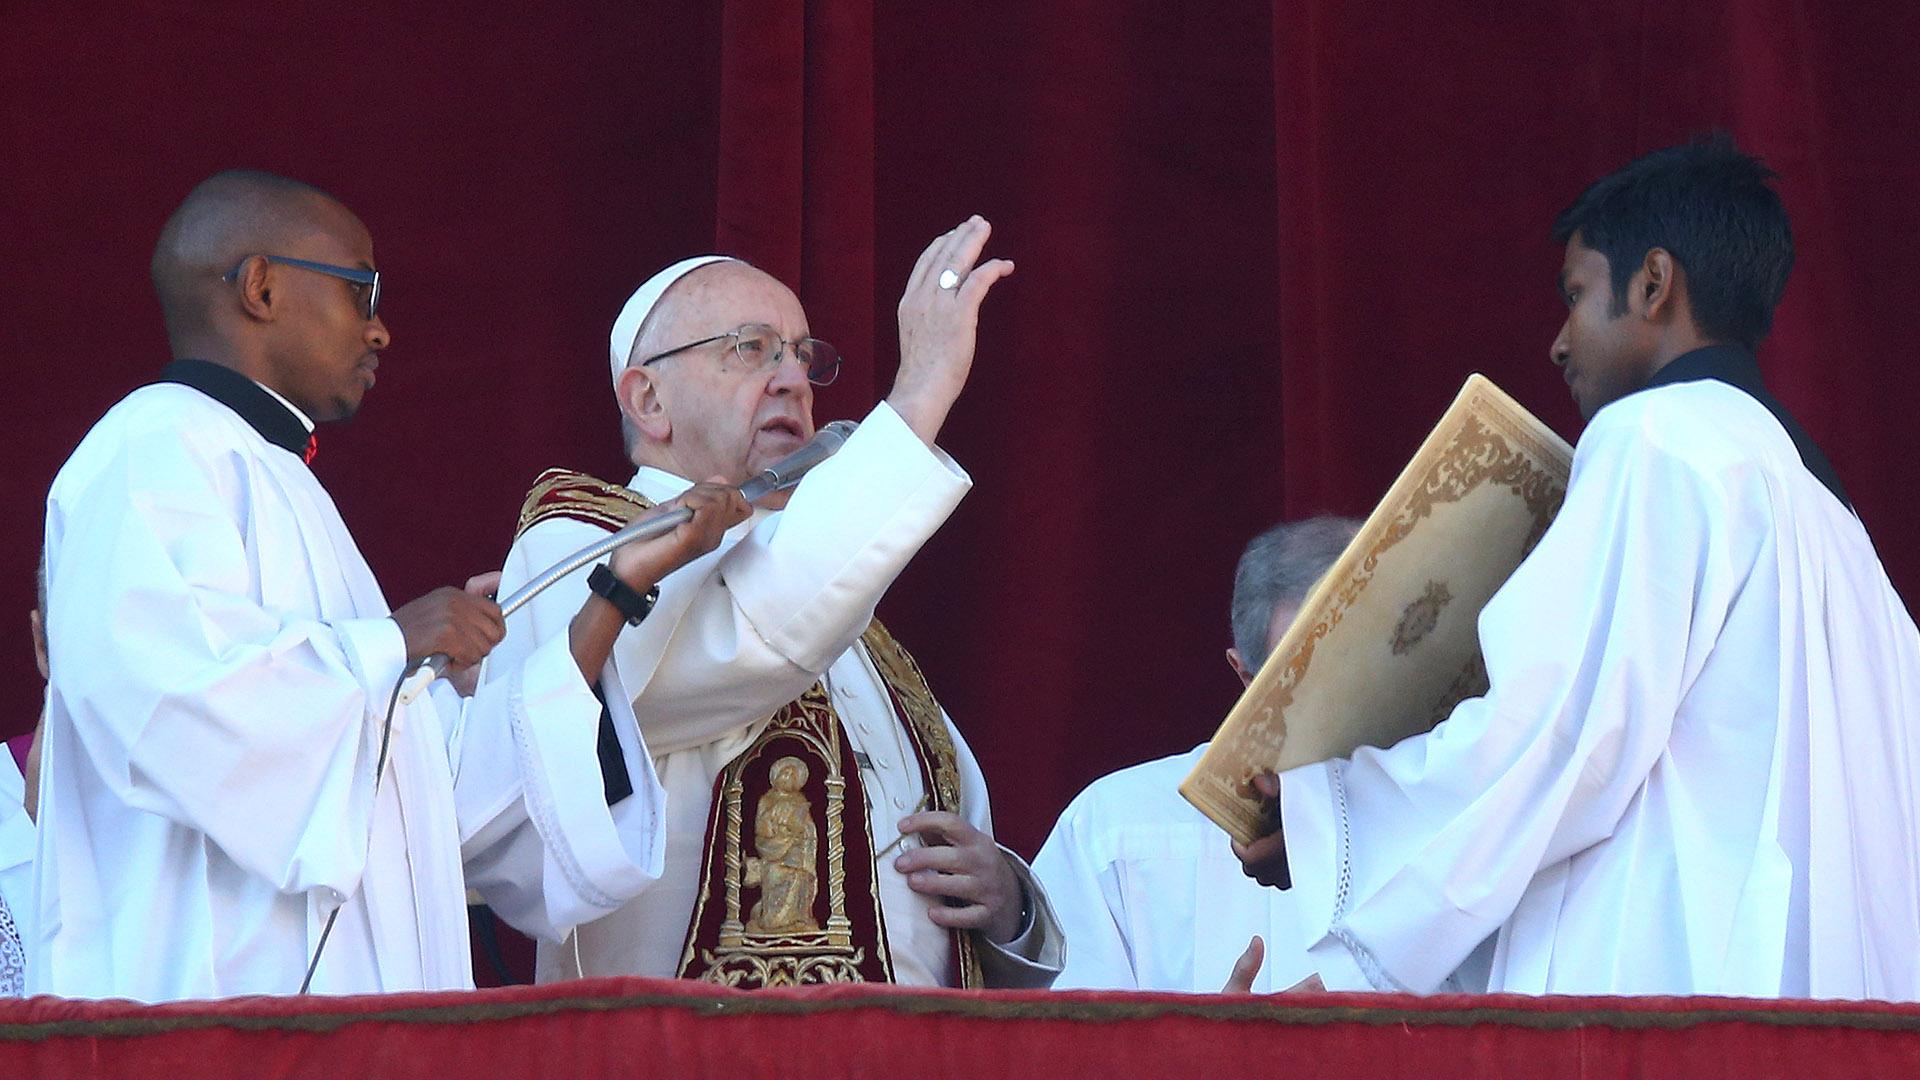 El papa Francisco en su mensaje desde el balcón de la basílica de San Pedro